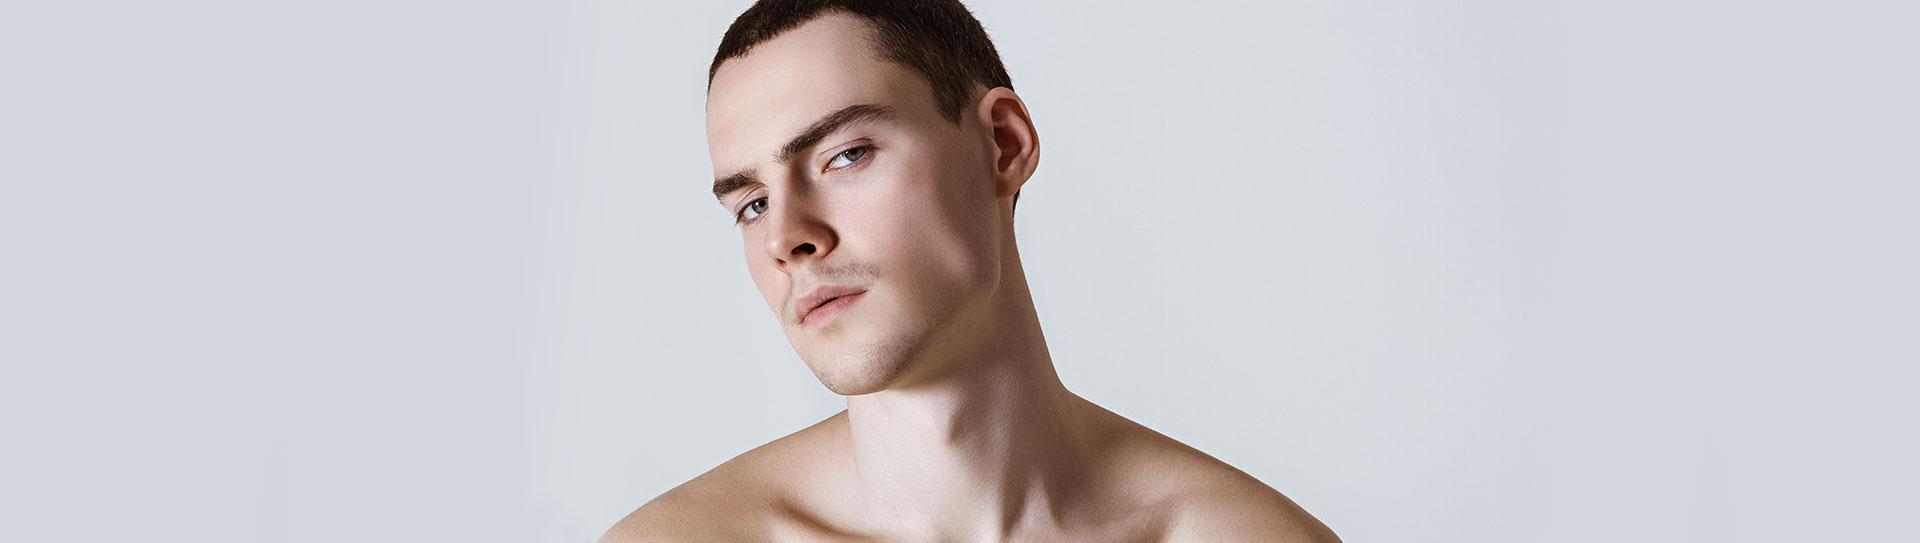 rimodellamento del volto, rimodernamento non chirurgico